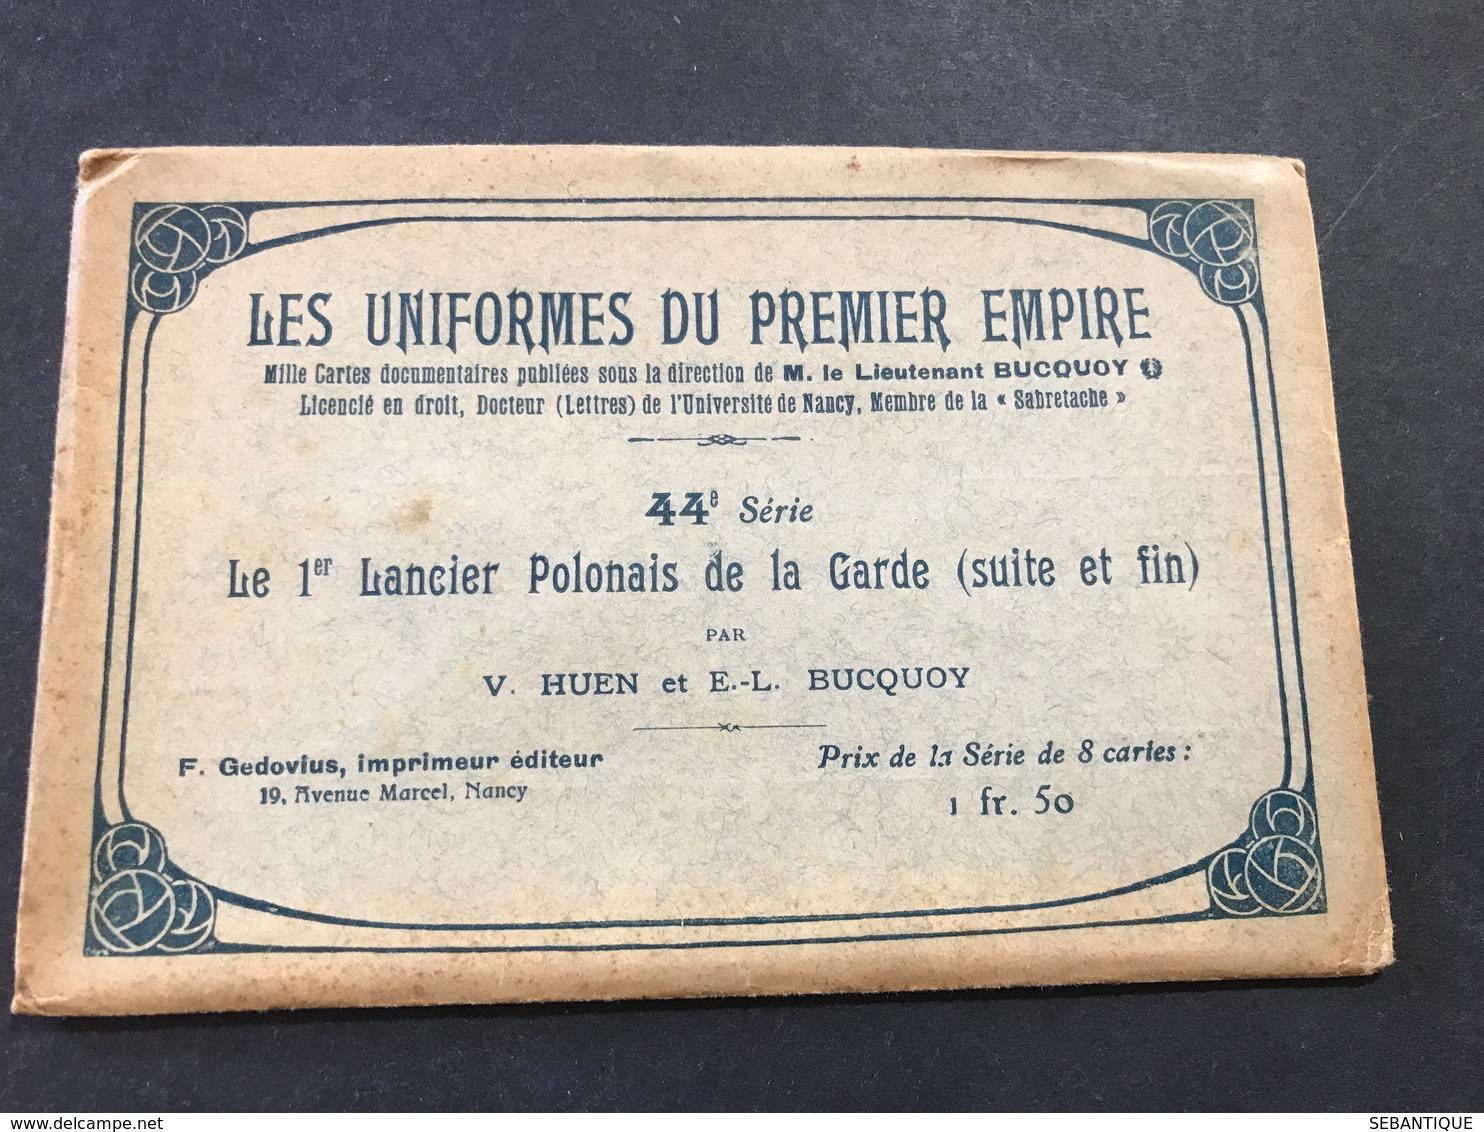 Pochette Seule Uniformes 1° Empire 44 ° Série Le 1 ° Lancier Polonais De La Garde Suite Par Gembarzewski - Uniformes